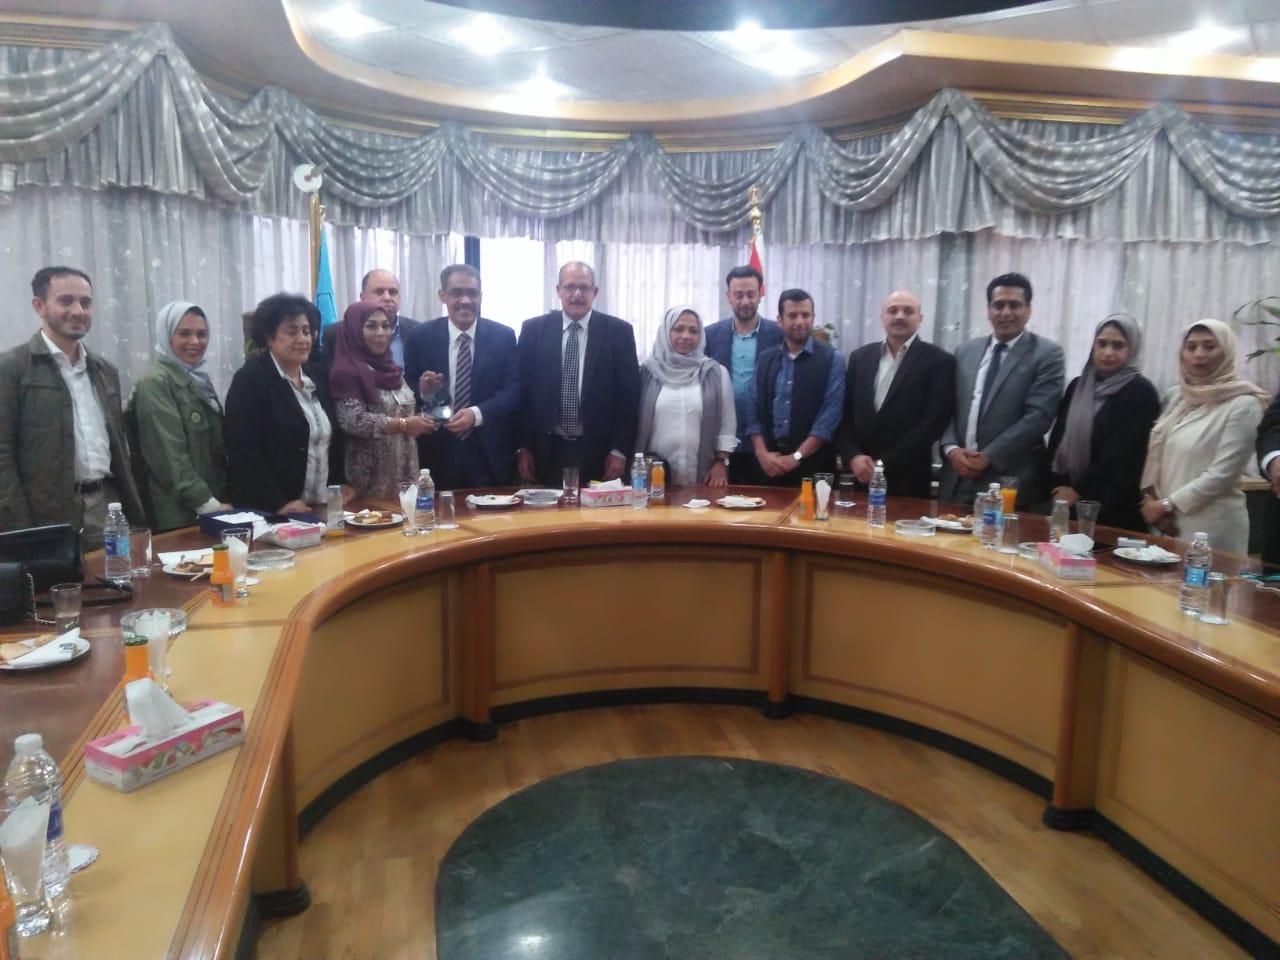 وفد جمعية الصحفيين يختتم زيارته للقاهرة زار استوديوهات الإنتاج الإعلامي واليوم السابع ونقابة الصحفيين